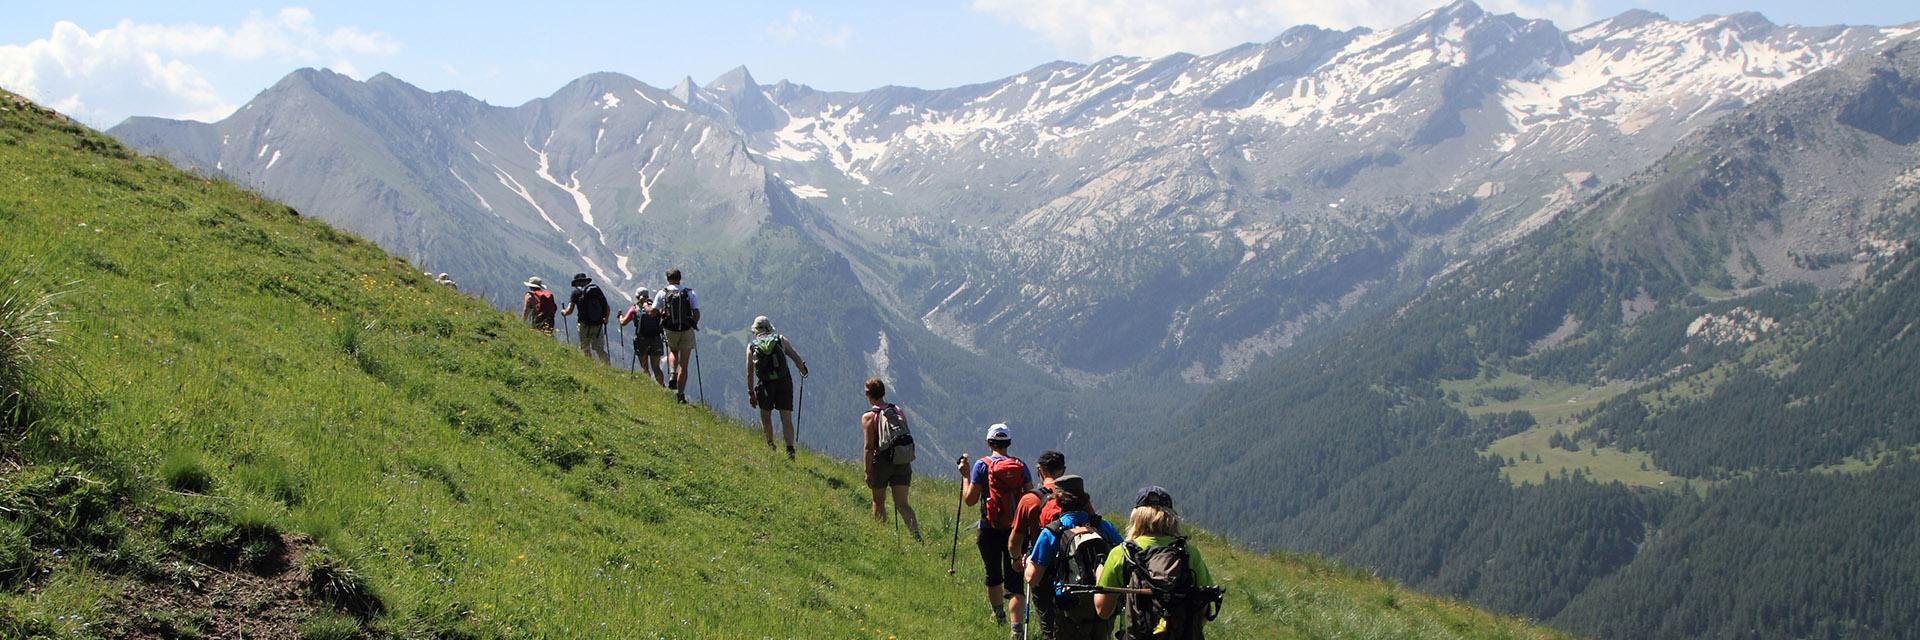 Village_club_vacances_alpes-de-haute-provence_lou Riouclar_randonnees